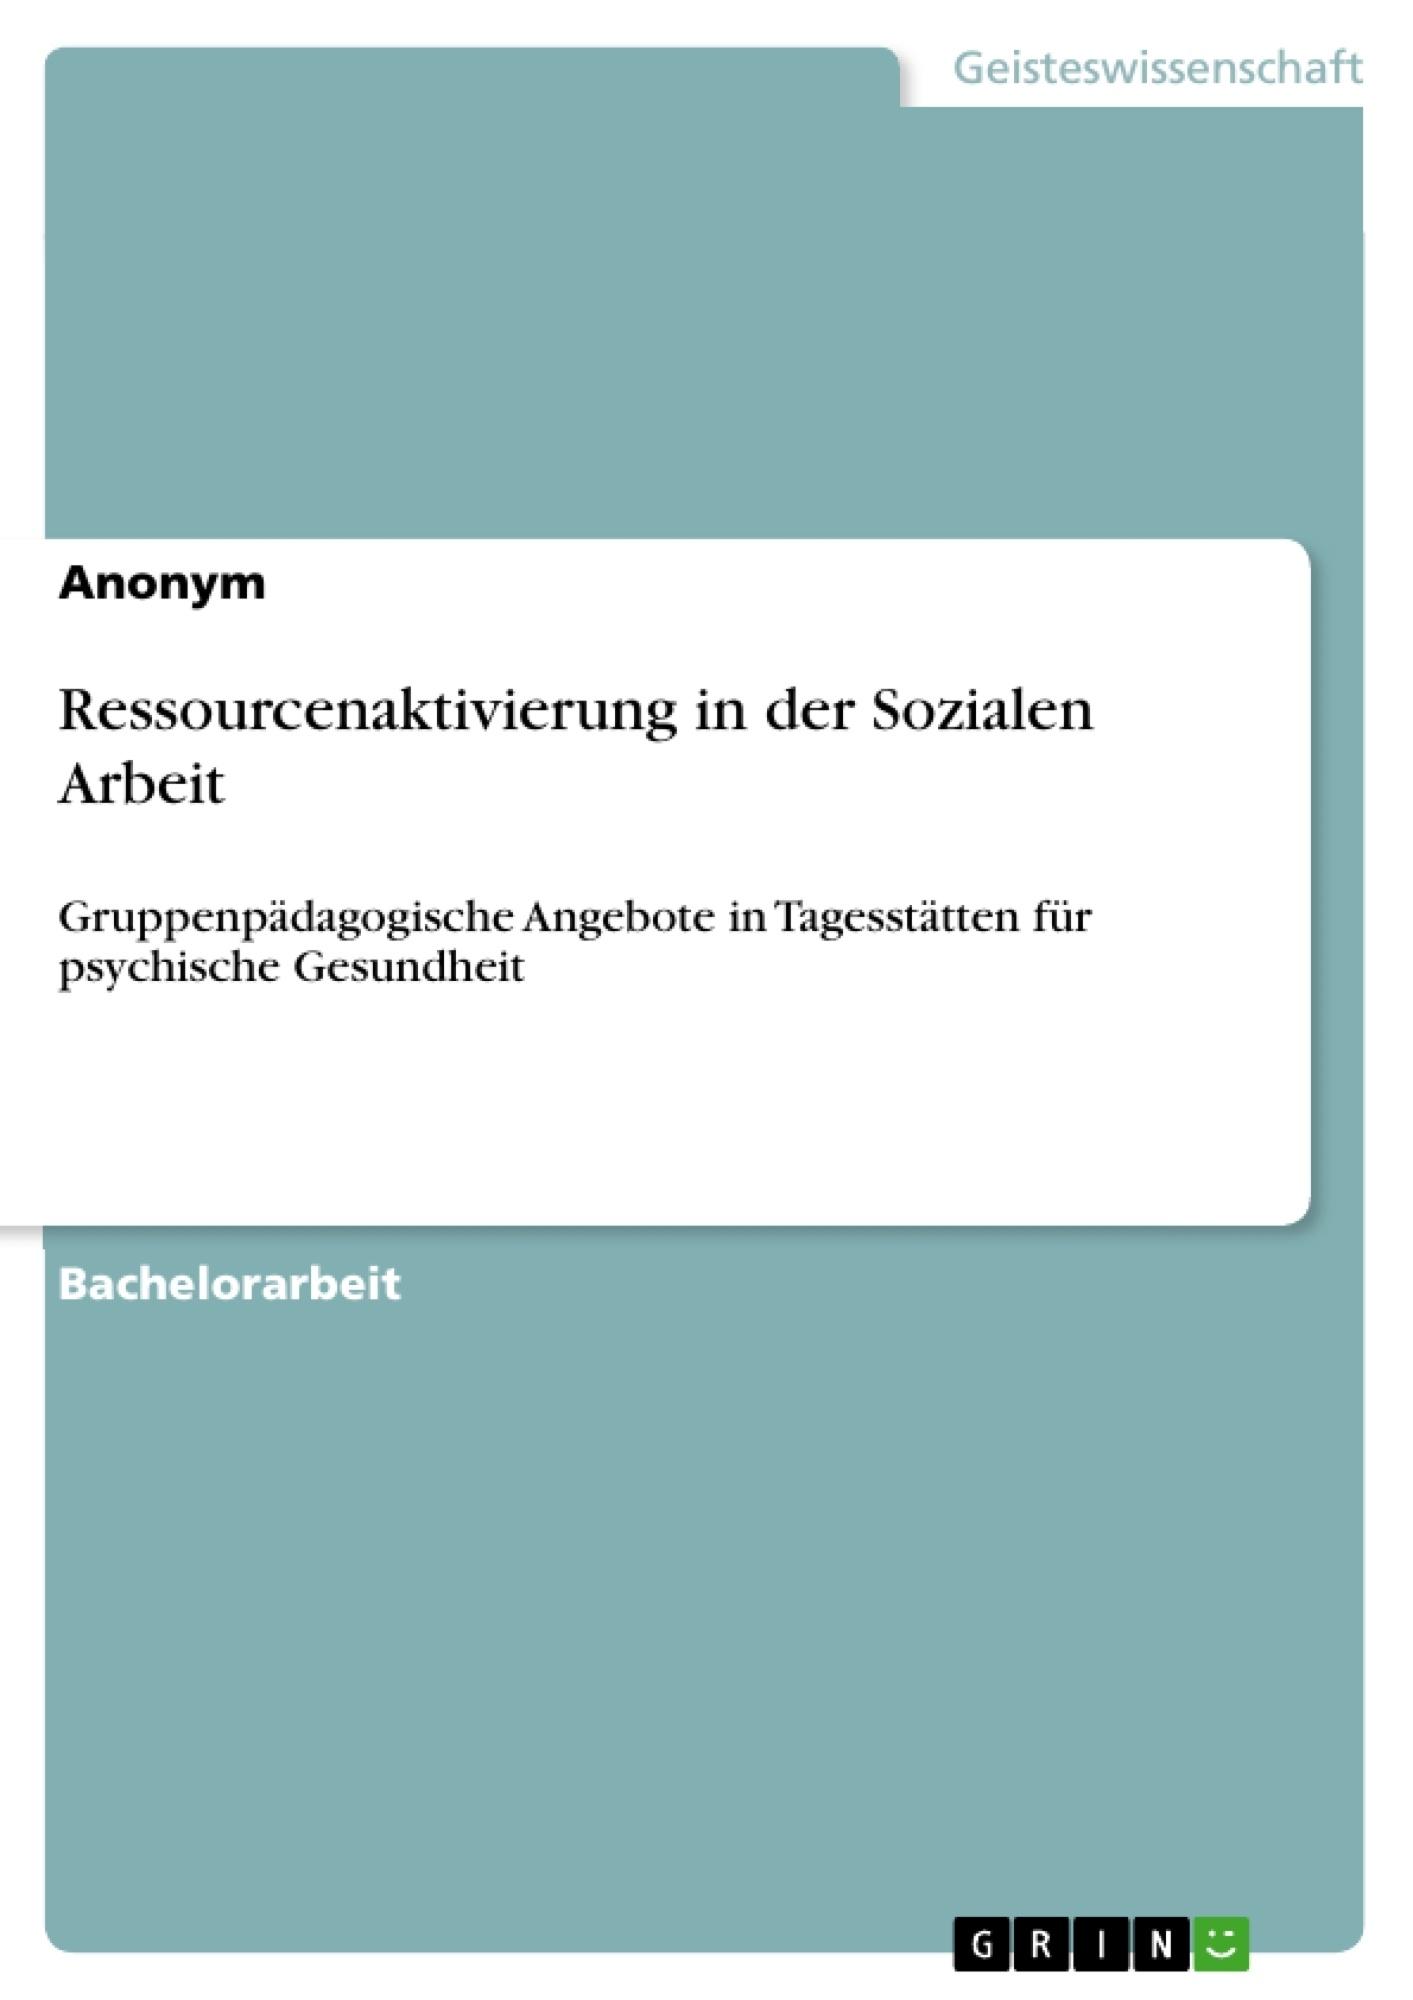 Titel: Ressourcenaktivierung in der Sozialen Arbeit